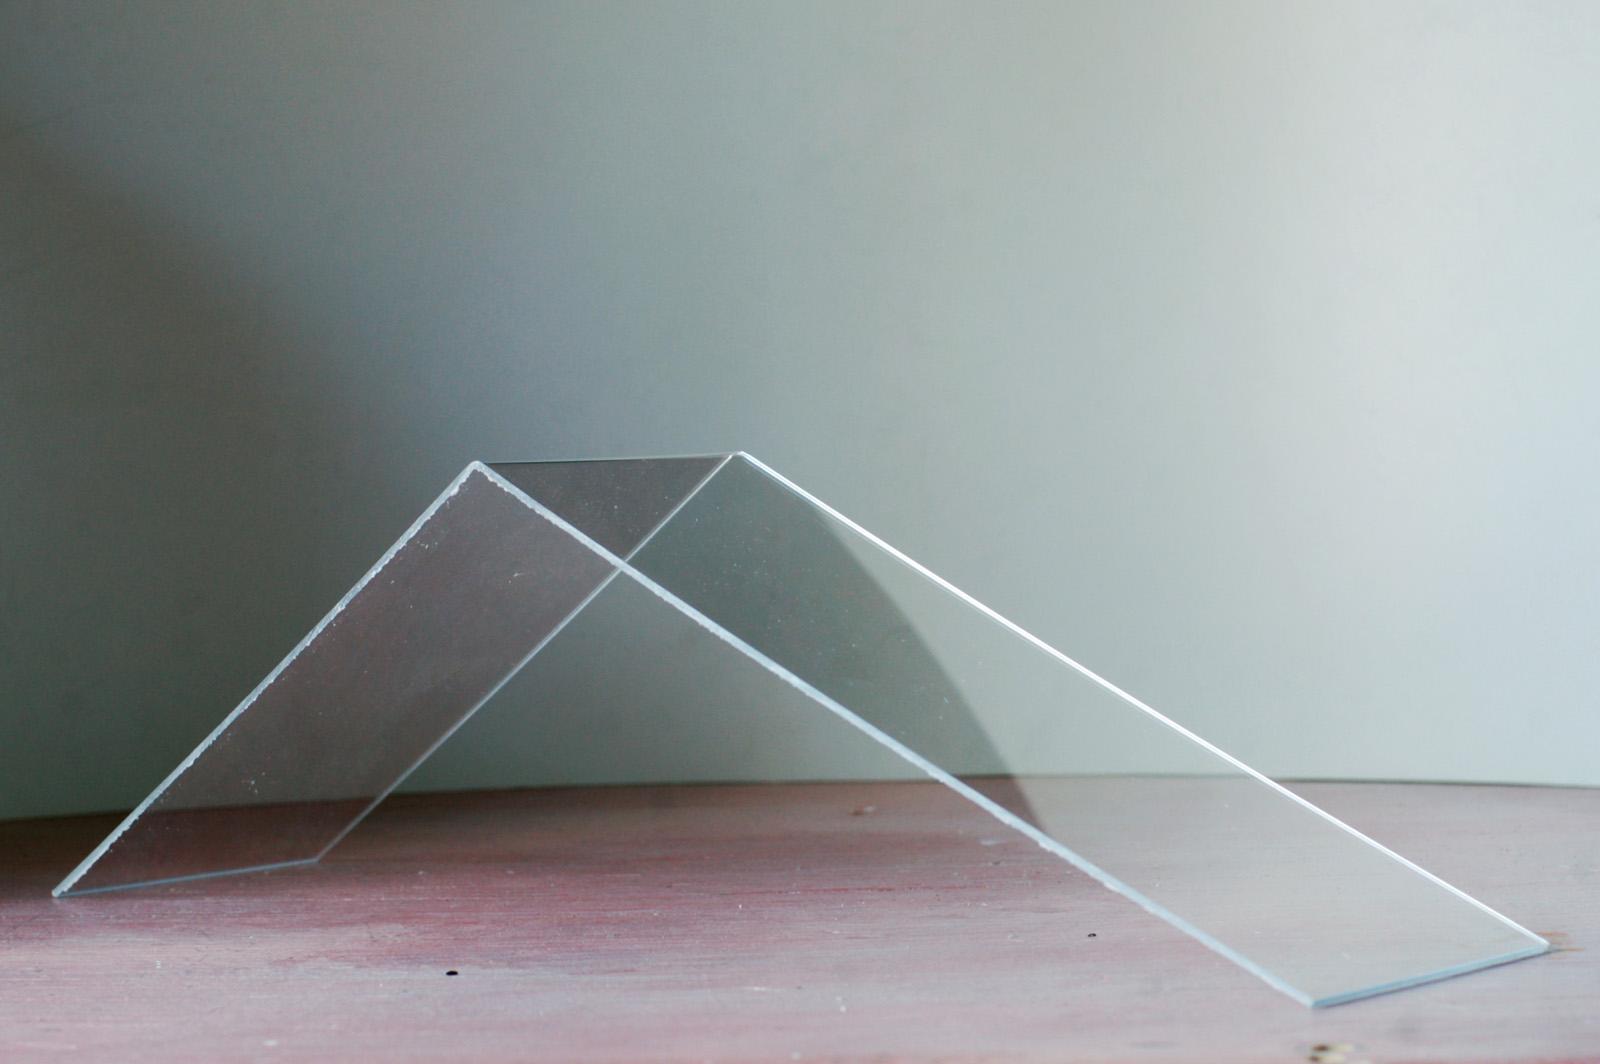 Acrylic bent at an angle